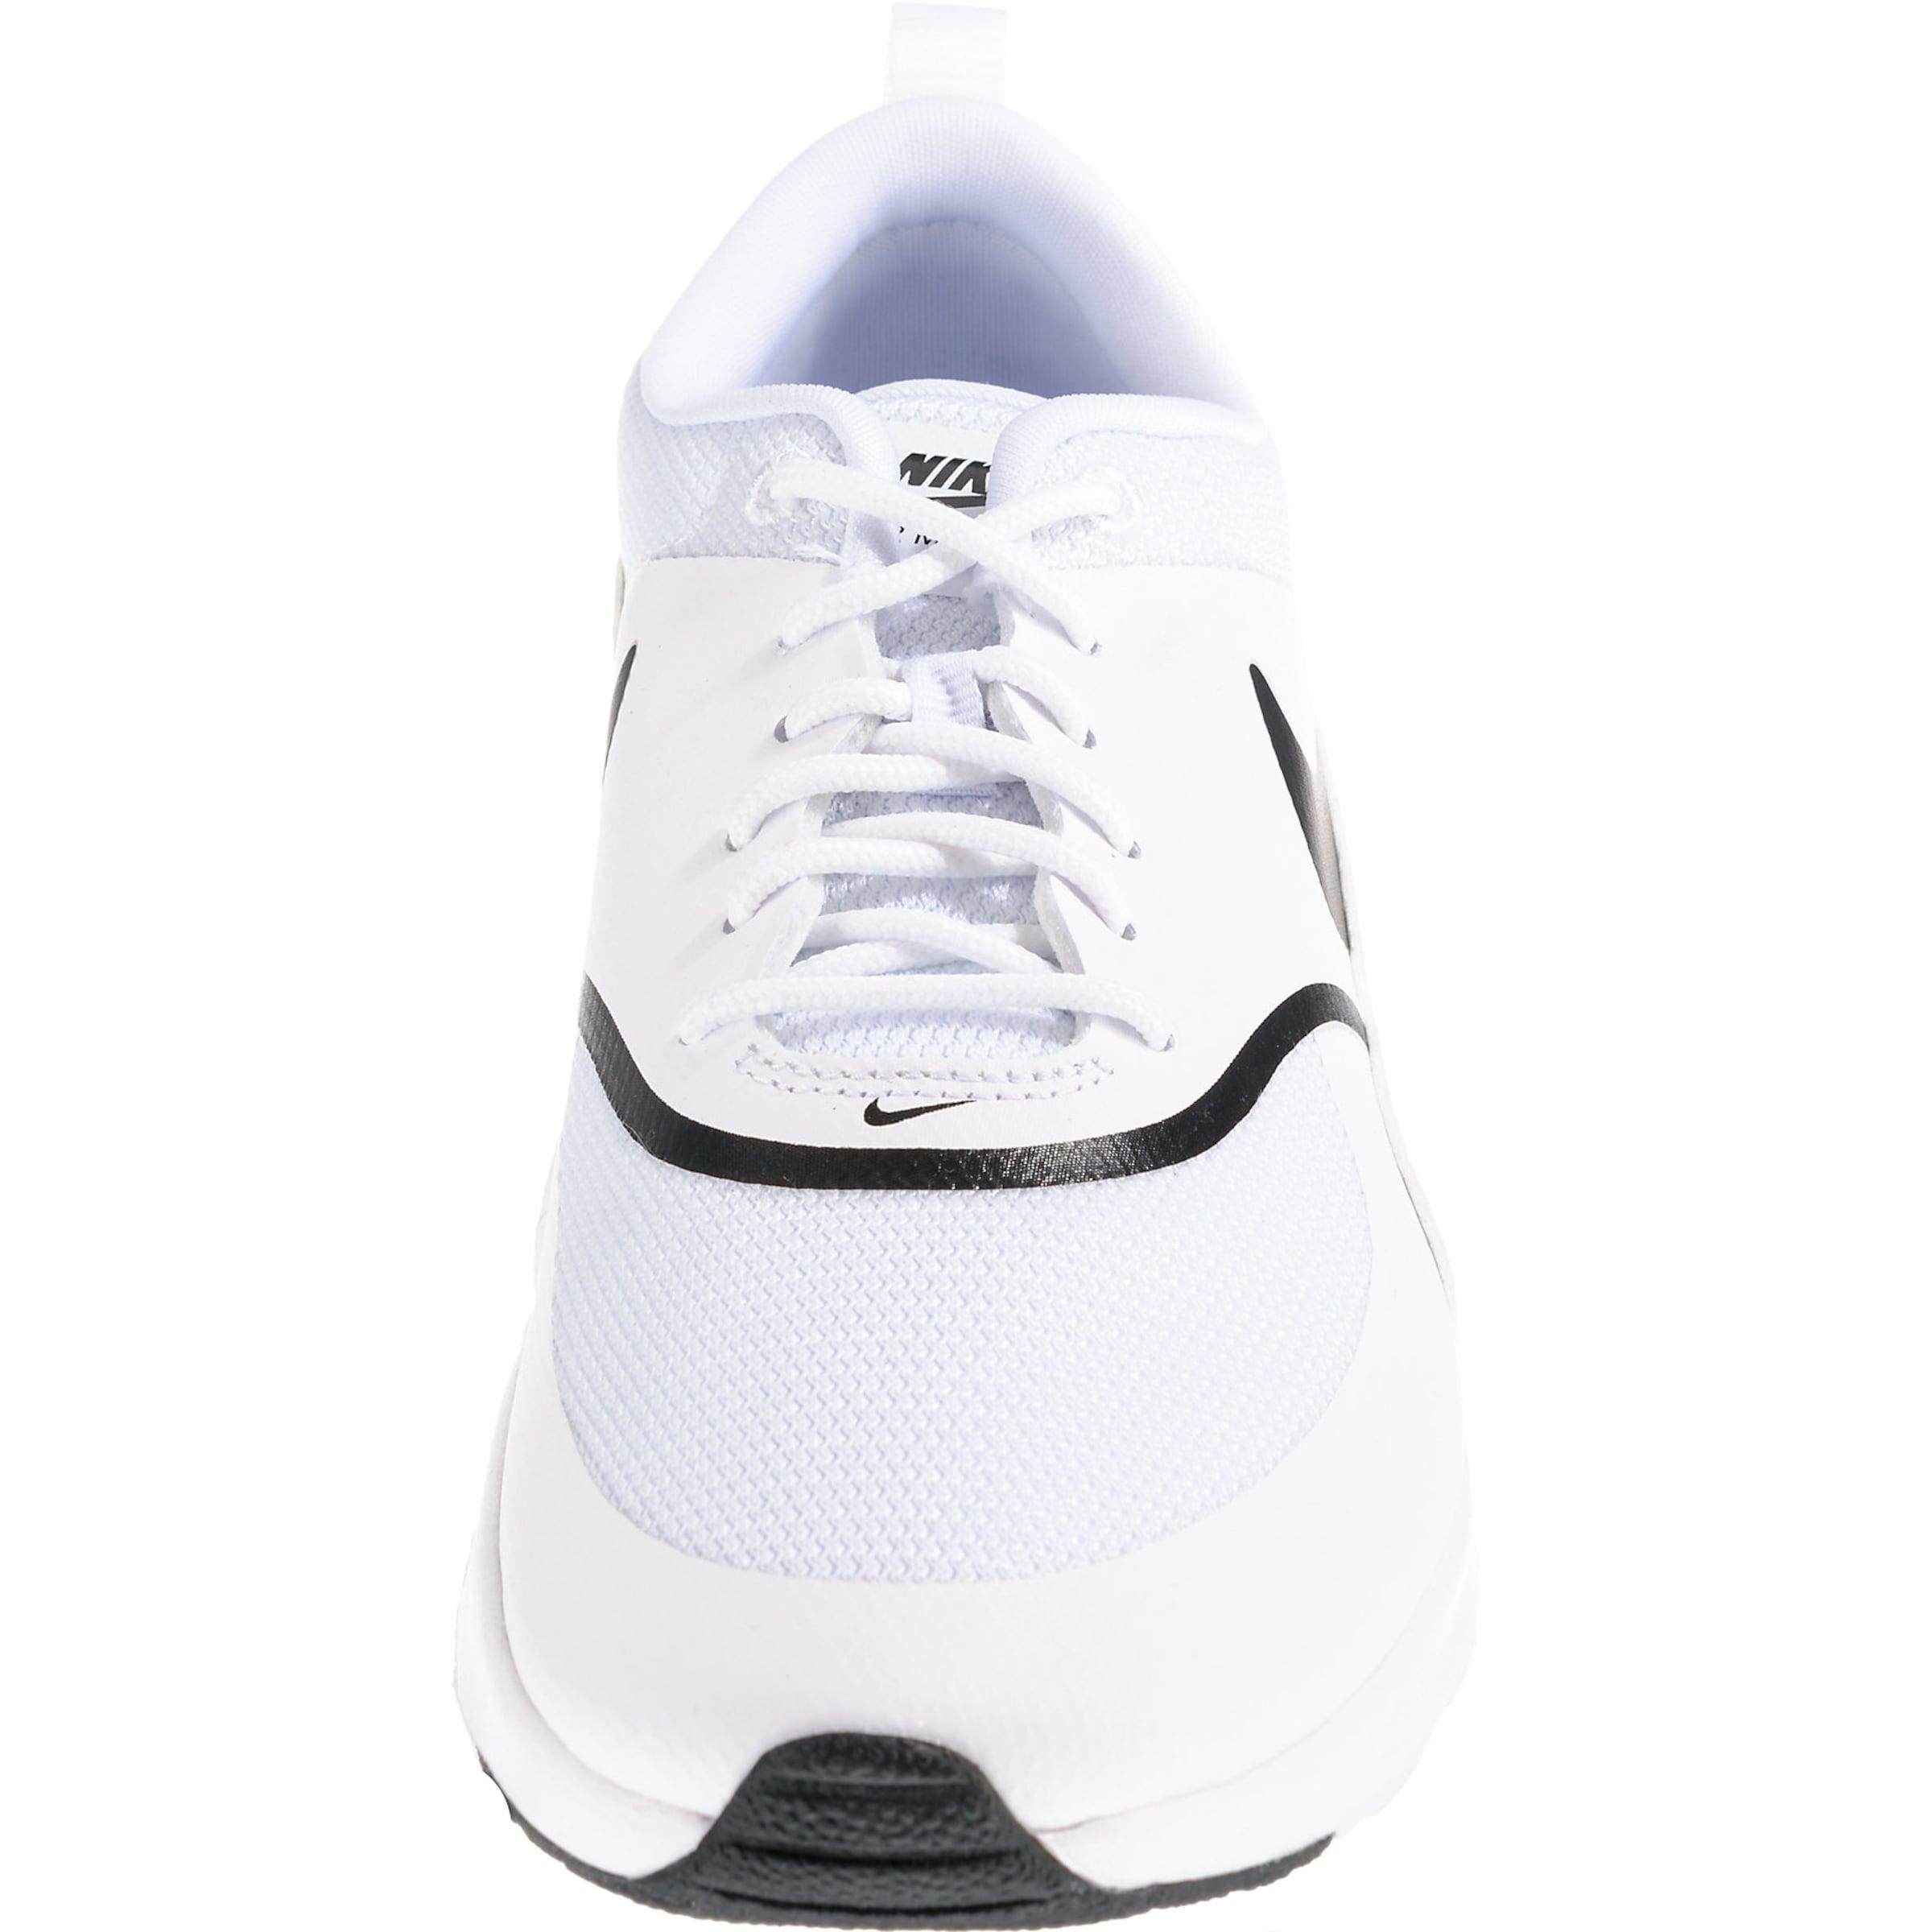 Blanc Nike Thea' Sportswear Bleu Baskets Basses Max 'air En ClairNoir ED2H9I